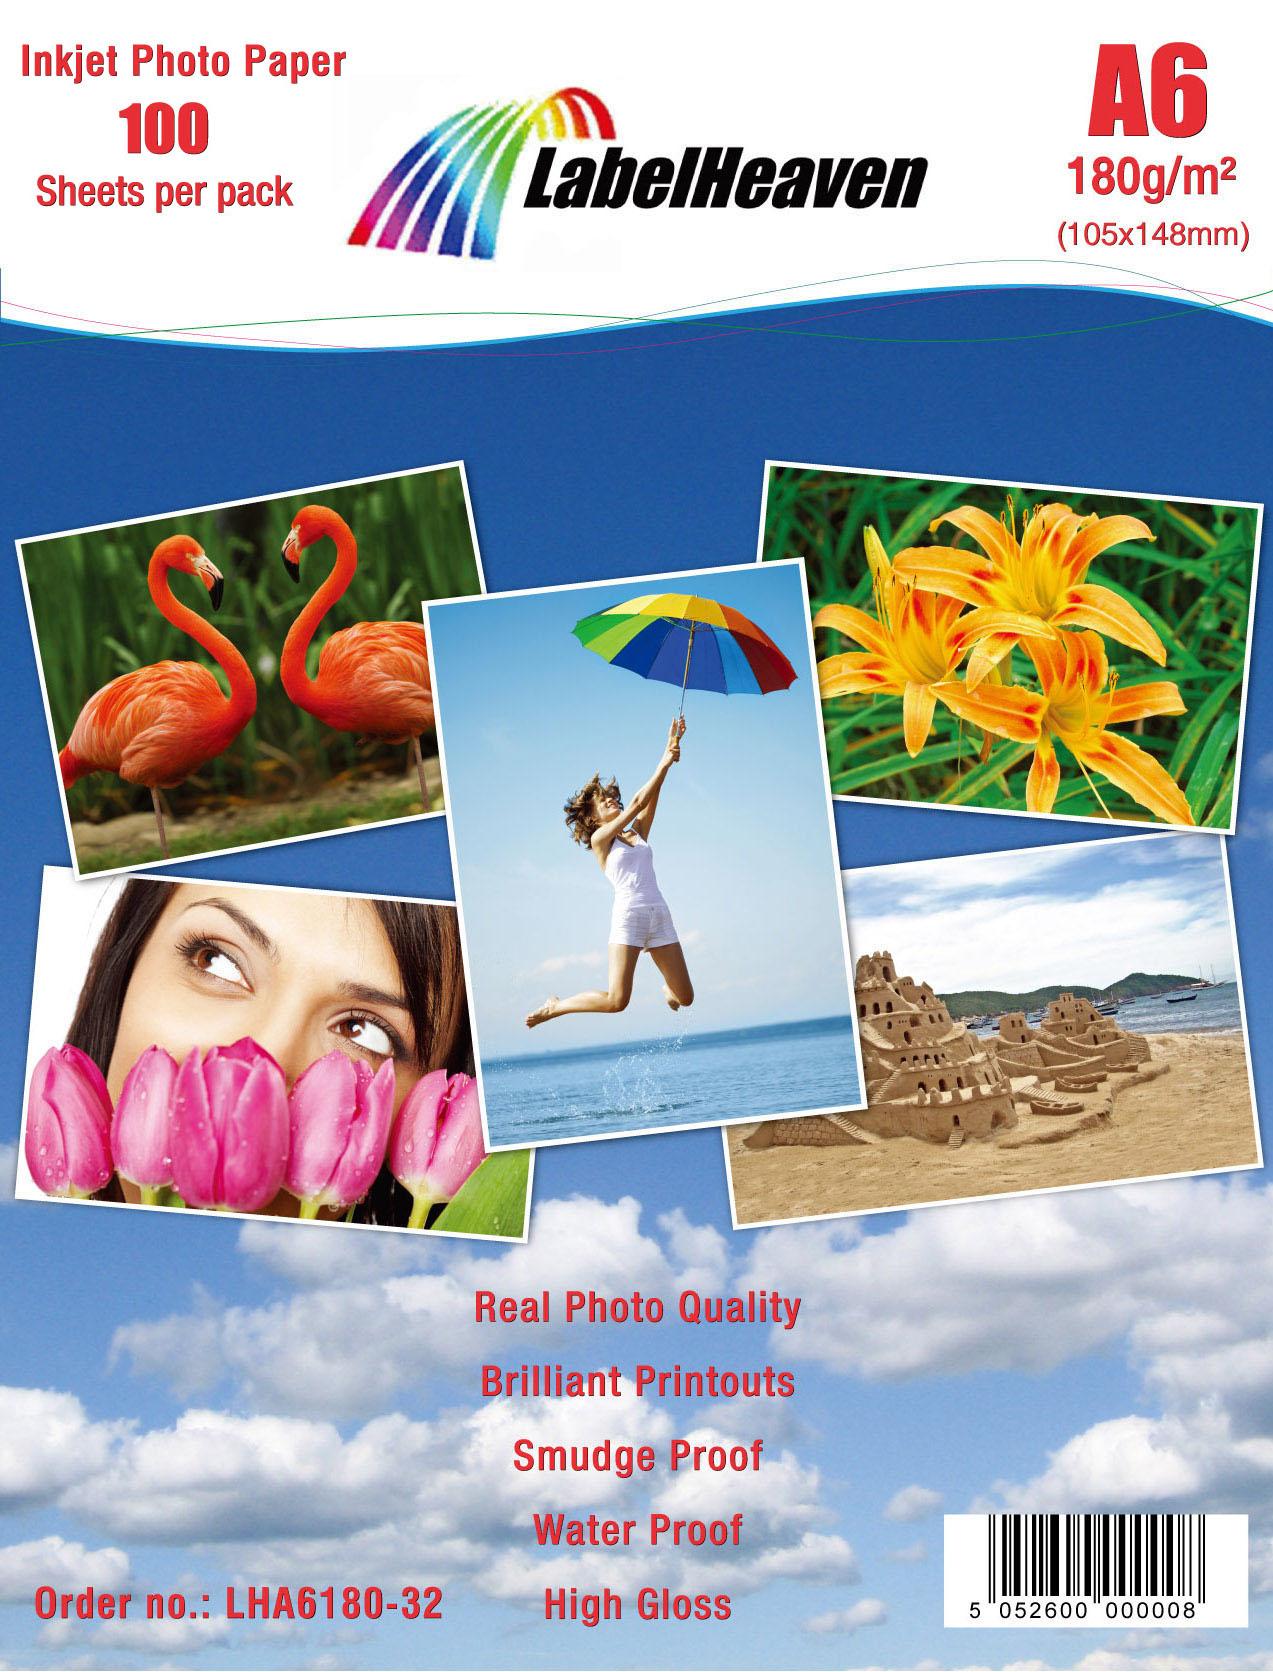 100 Blatt A6 180g/m² Fotopapier Hochglänzend  und wasserfest von LabelHeaven